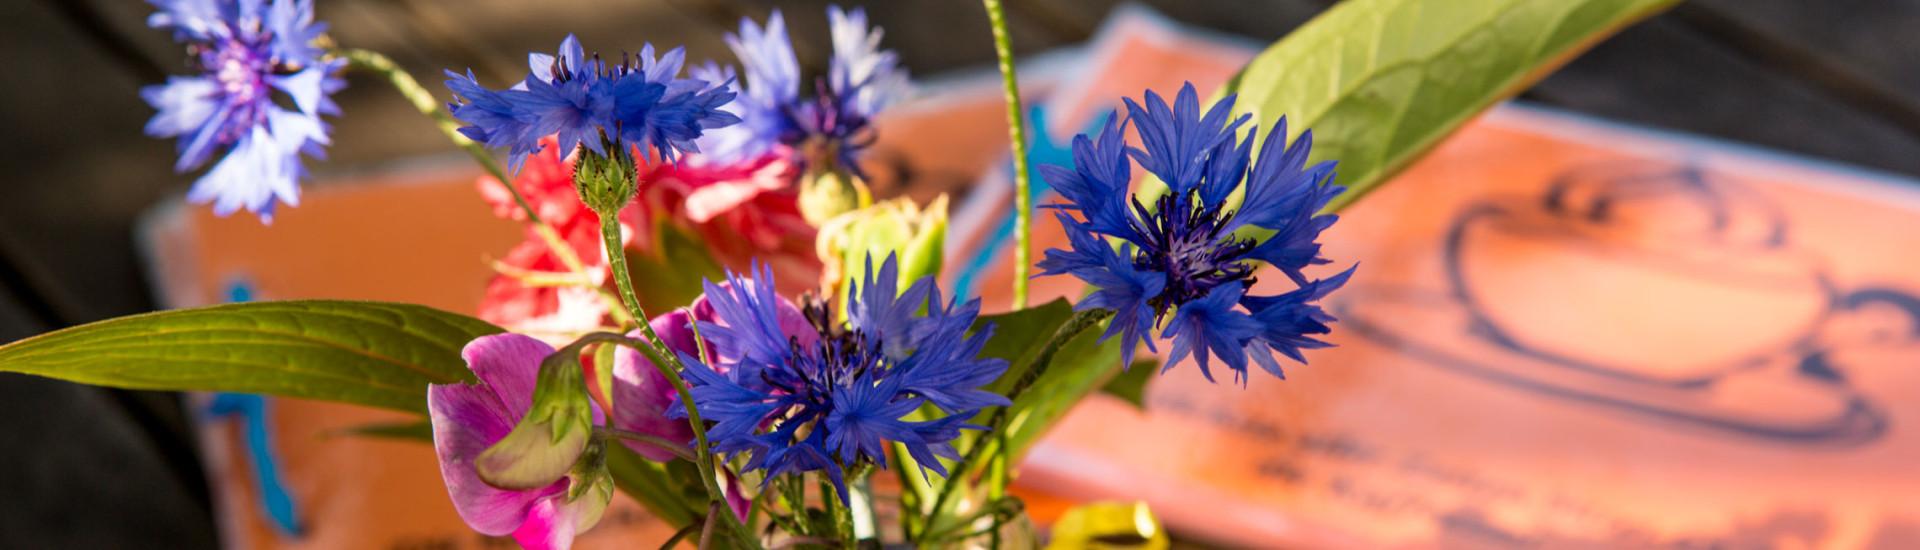 Kornblumen auf Cafétisch